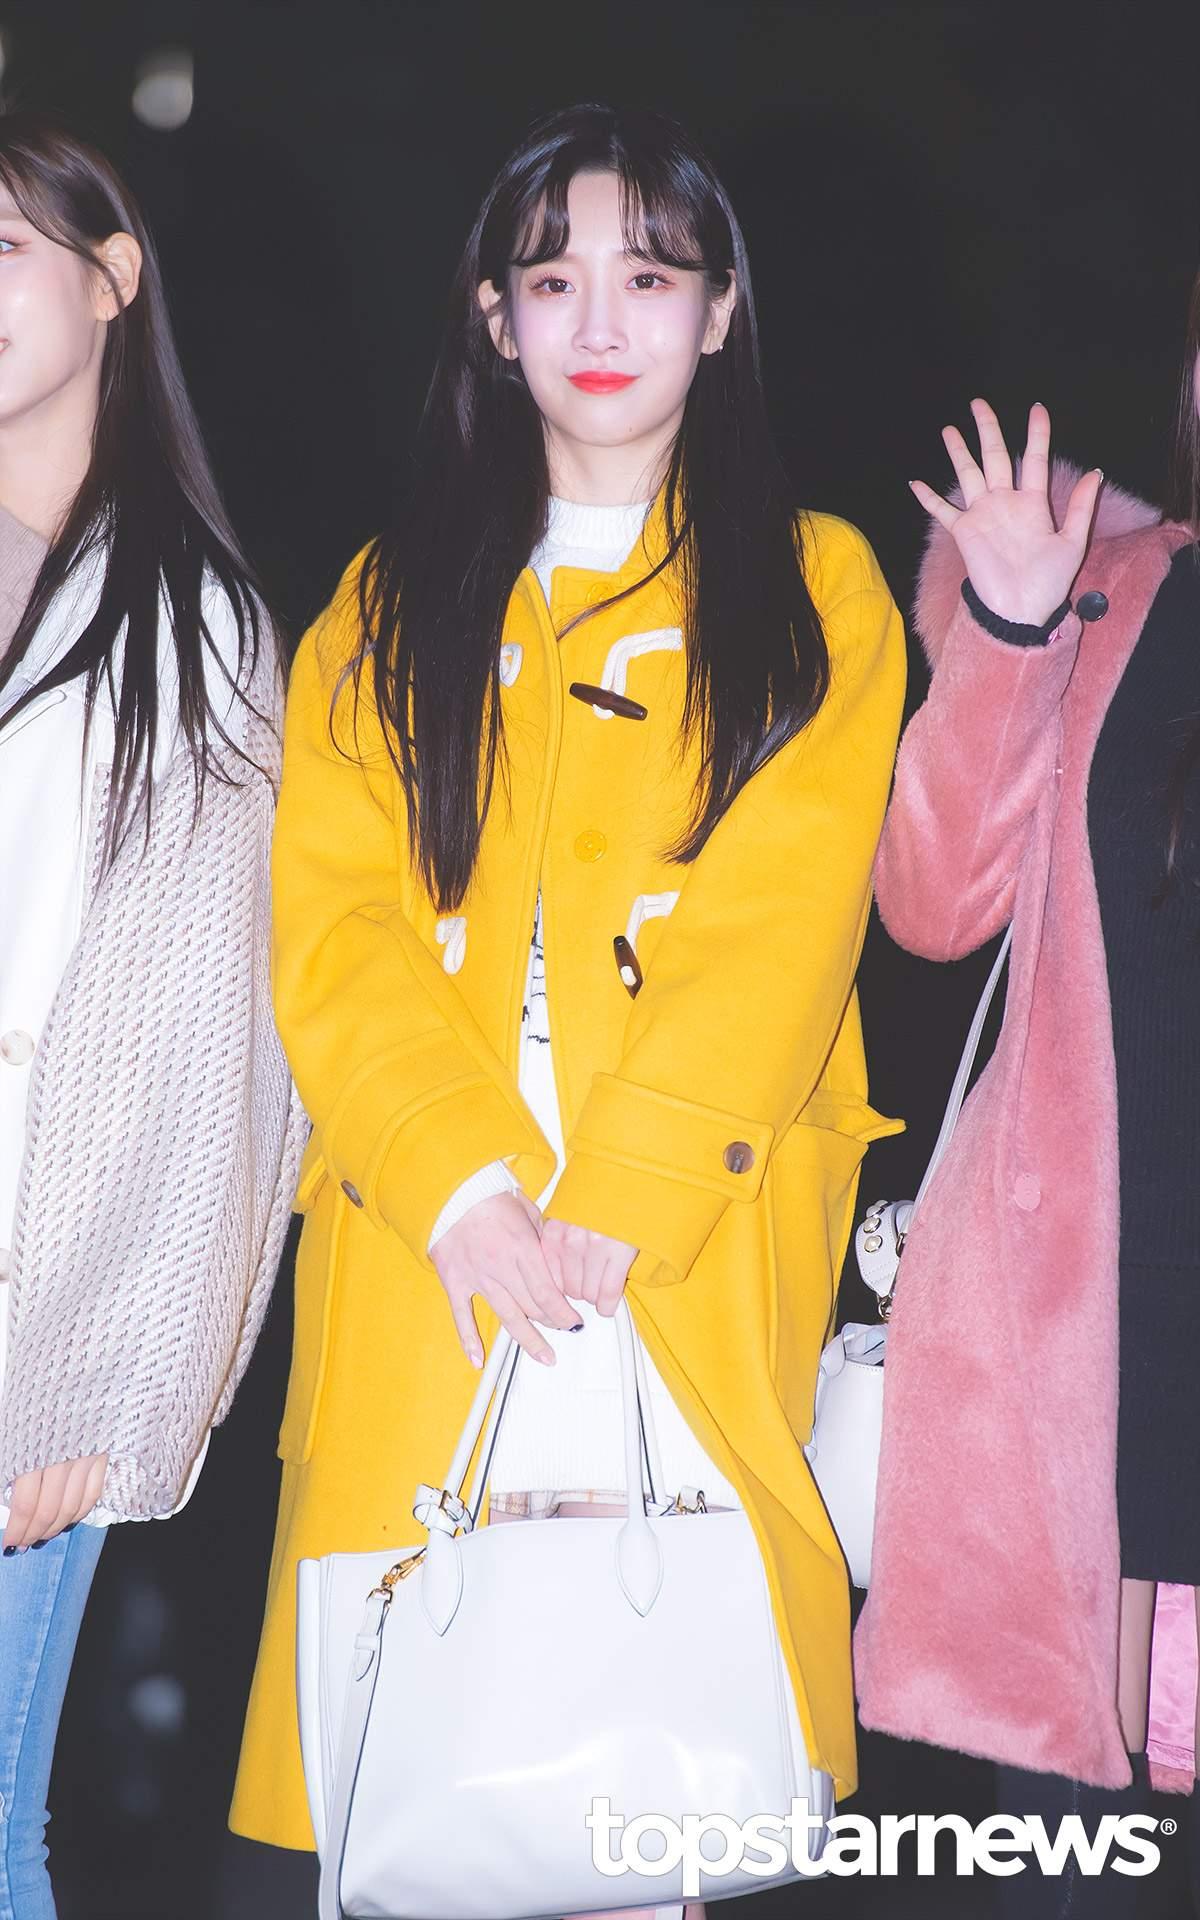 最後是智愛的超亮眼黃色牛角外套!同樣是萬年不敗的牛角外套總是給人感覺青春可愛~智秀身上的這件黃色外套則是更加的有特色!朋友們在遠處一定一眼就看到你!跨年就決定穿這件啦XD